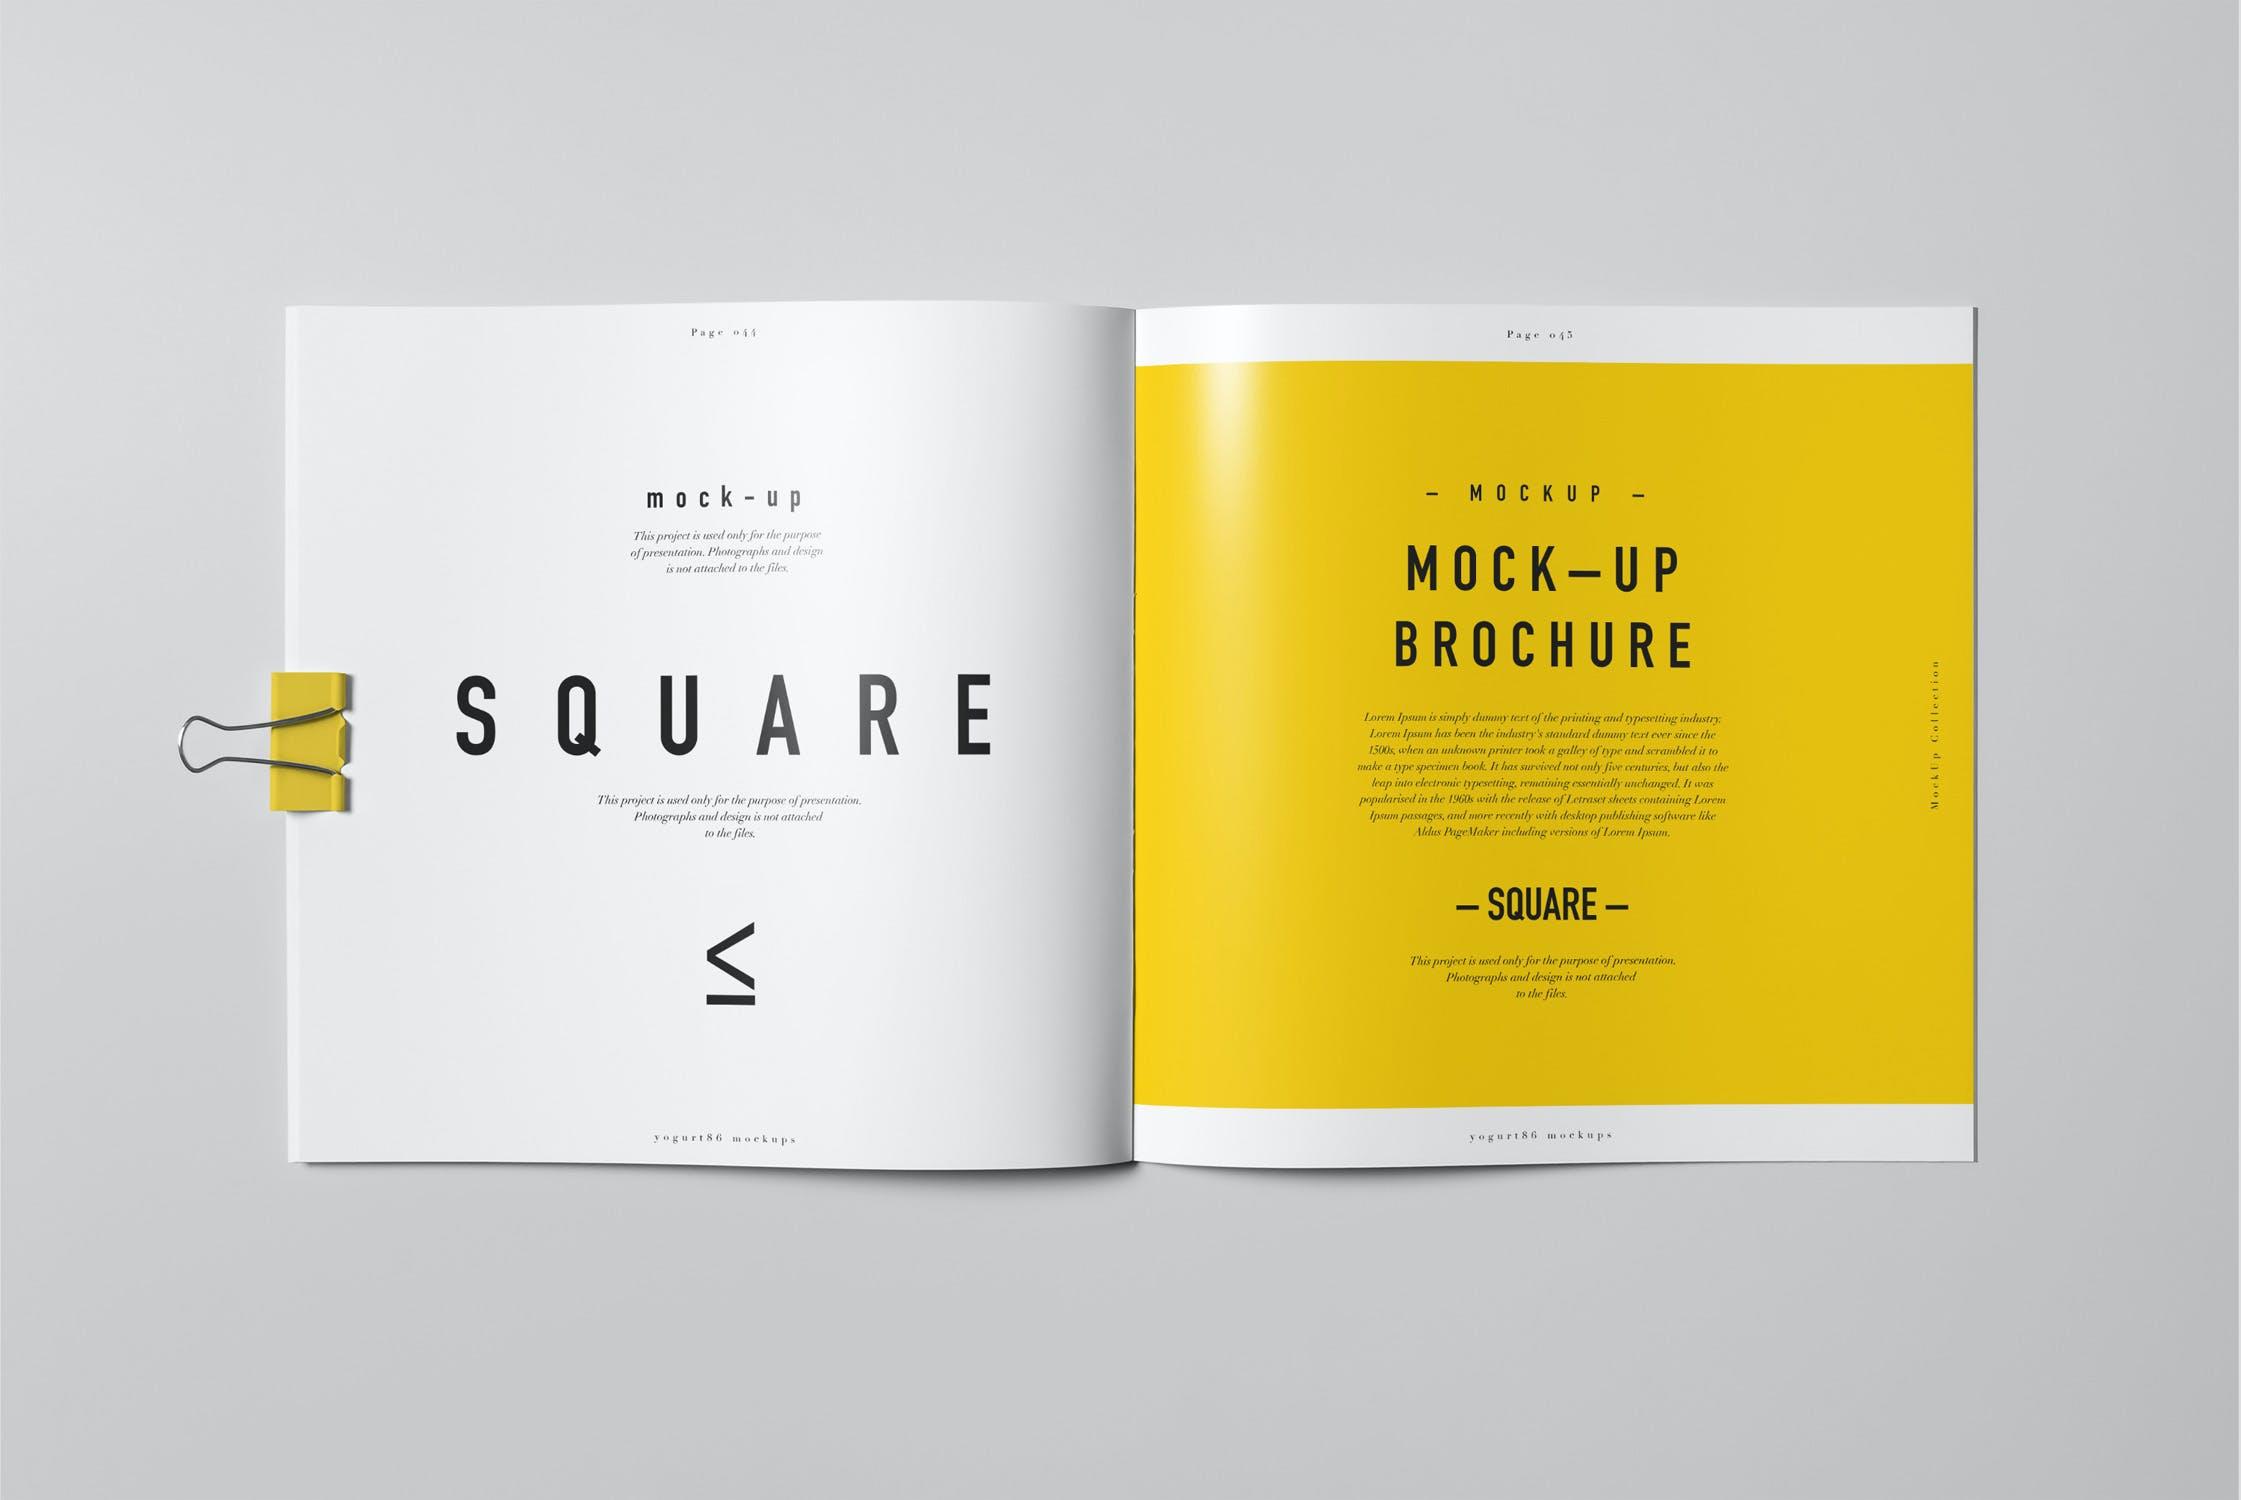 8款方形杂志画册设计展示样机模板 Square Brochure Mockup插图(4)